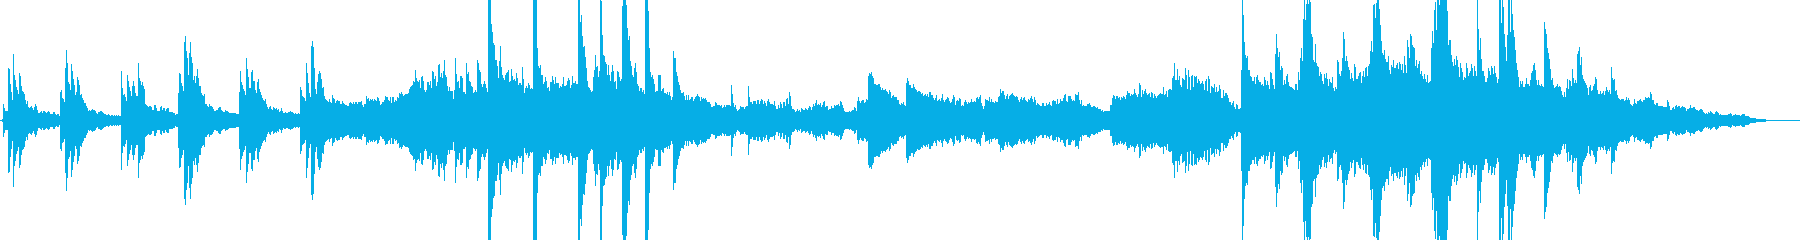 アコースティックピアノ、弦楽器、ベ...の再生済みの波形